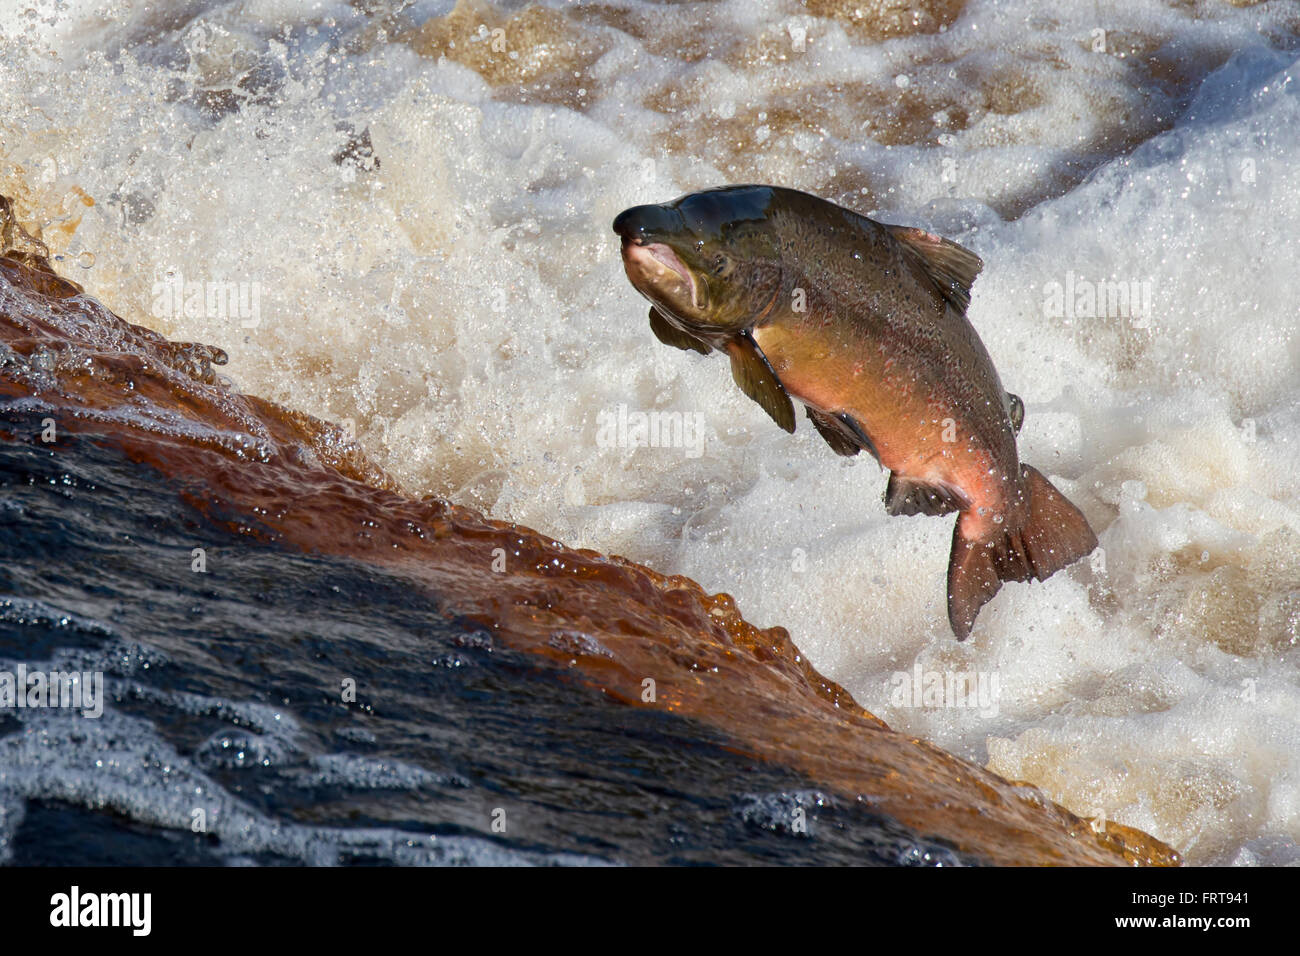 Salmón del Atlántico (Salmo salar) saltando weir sobre migración aguas arriba, el río Tyne, Imagen De Stock